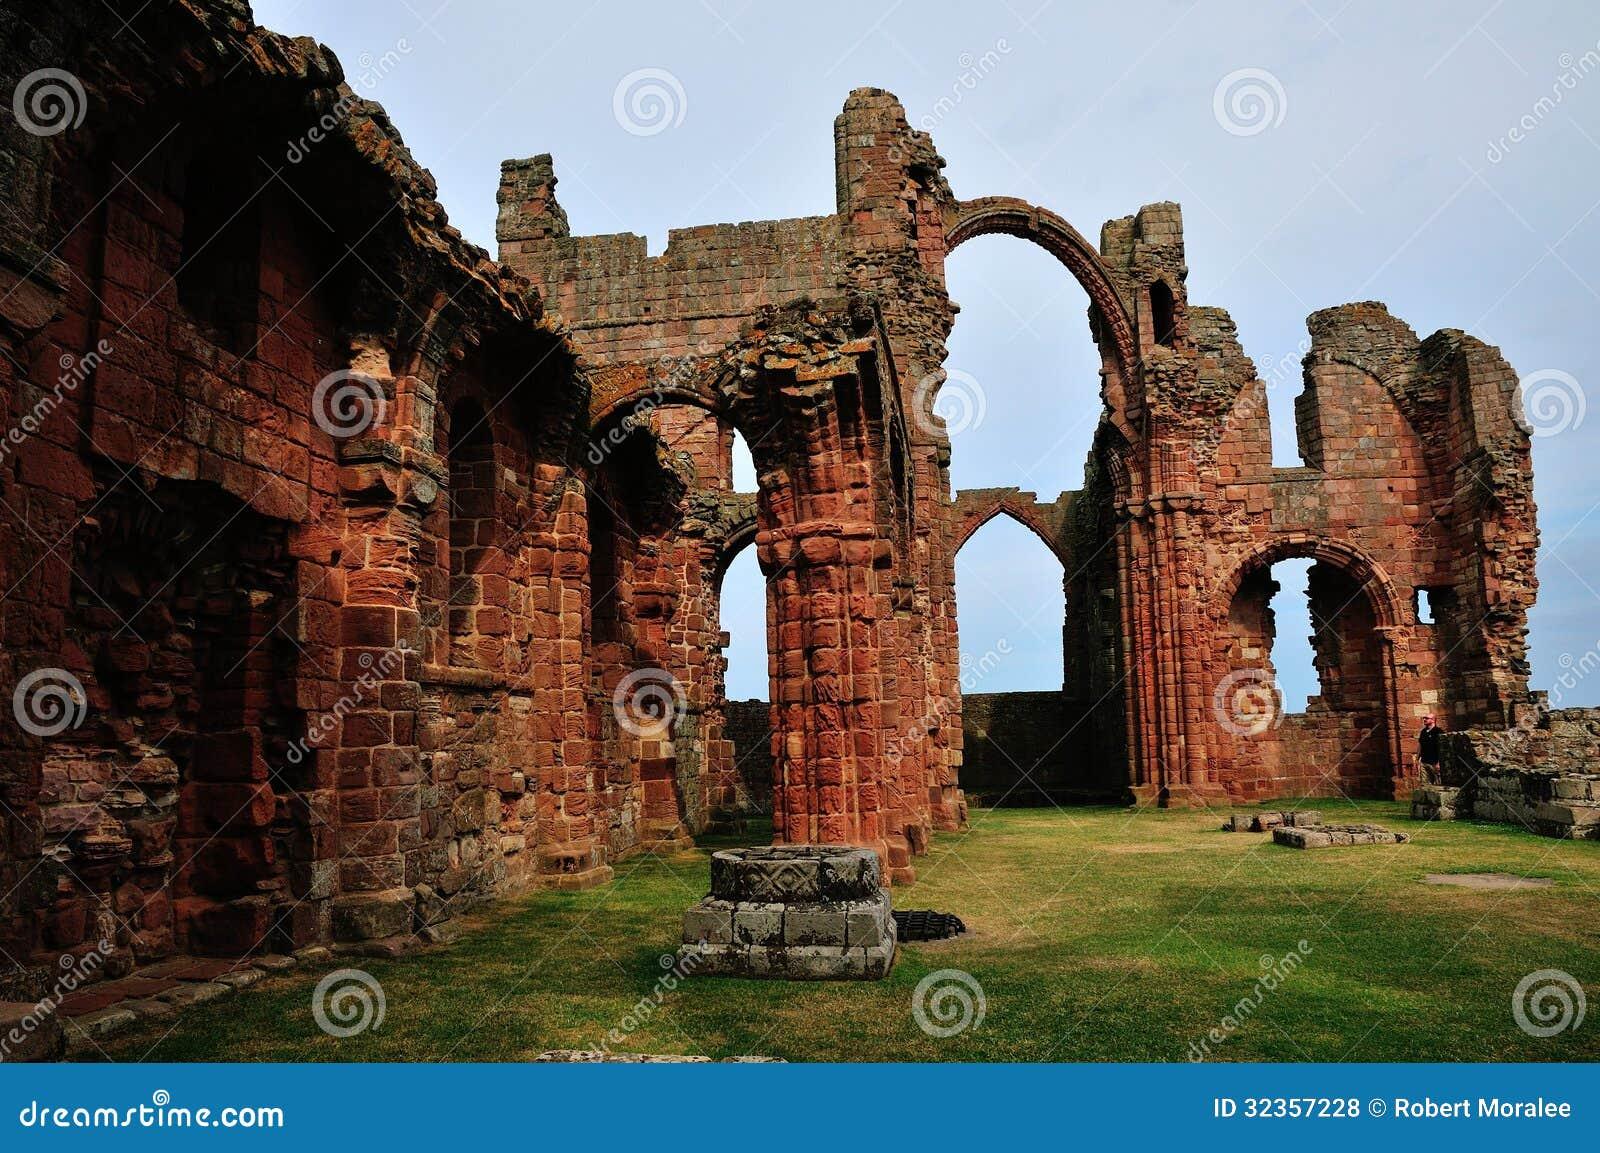 Ein ruiniertes Kloster, einen Regenbogen-Torbogen zeigend.